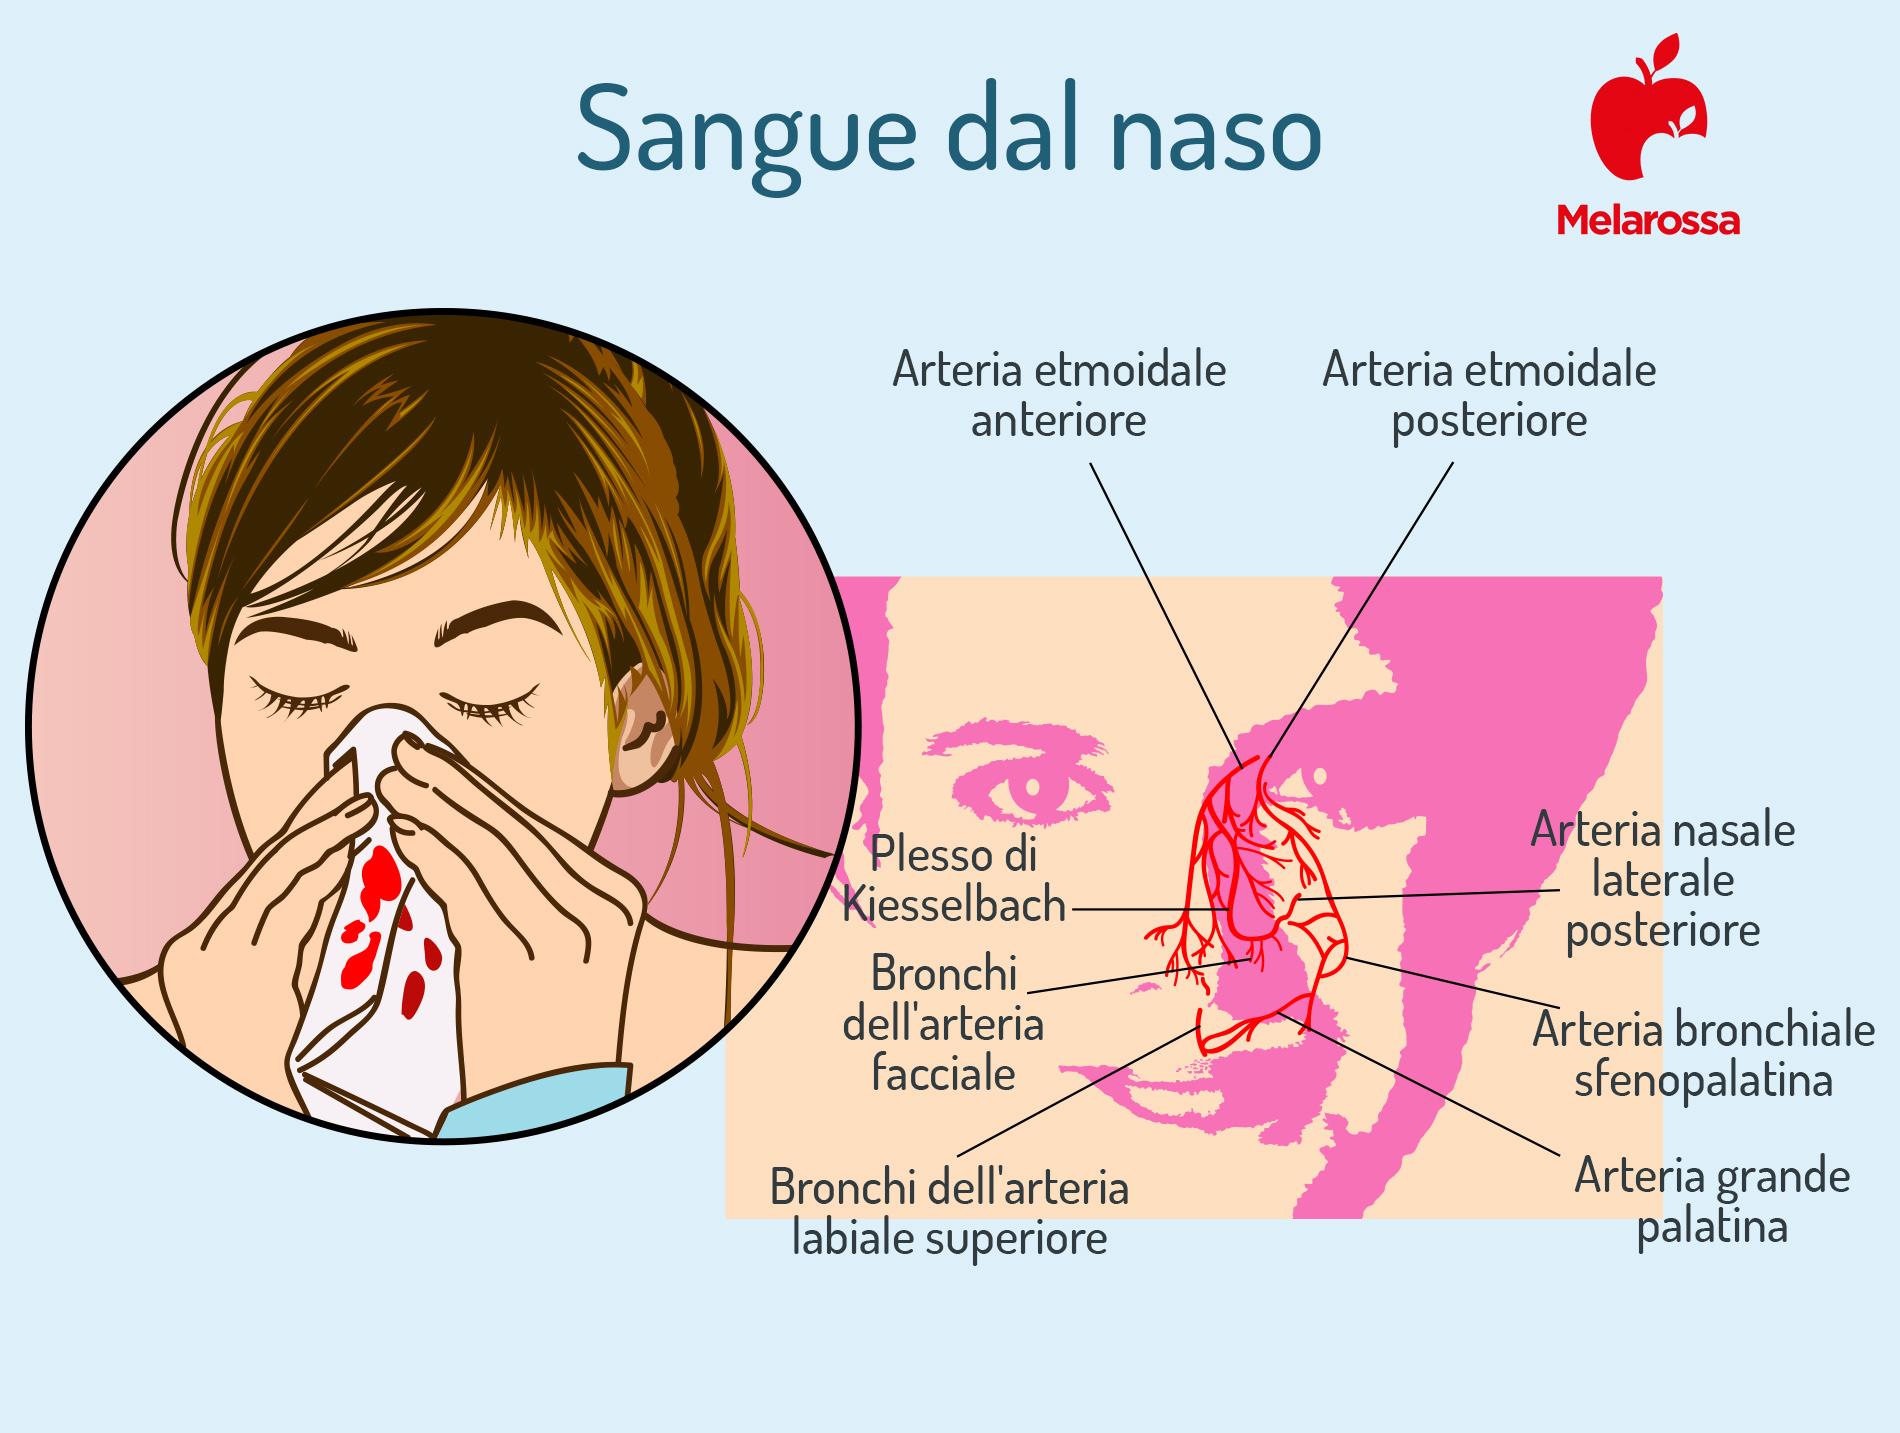 sangue dal naso o epistassi: cos'è